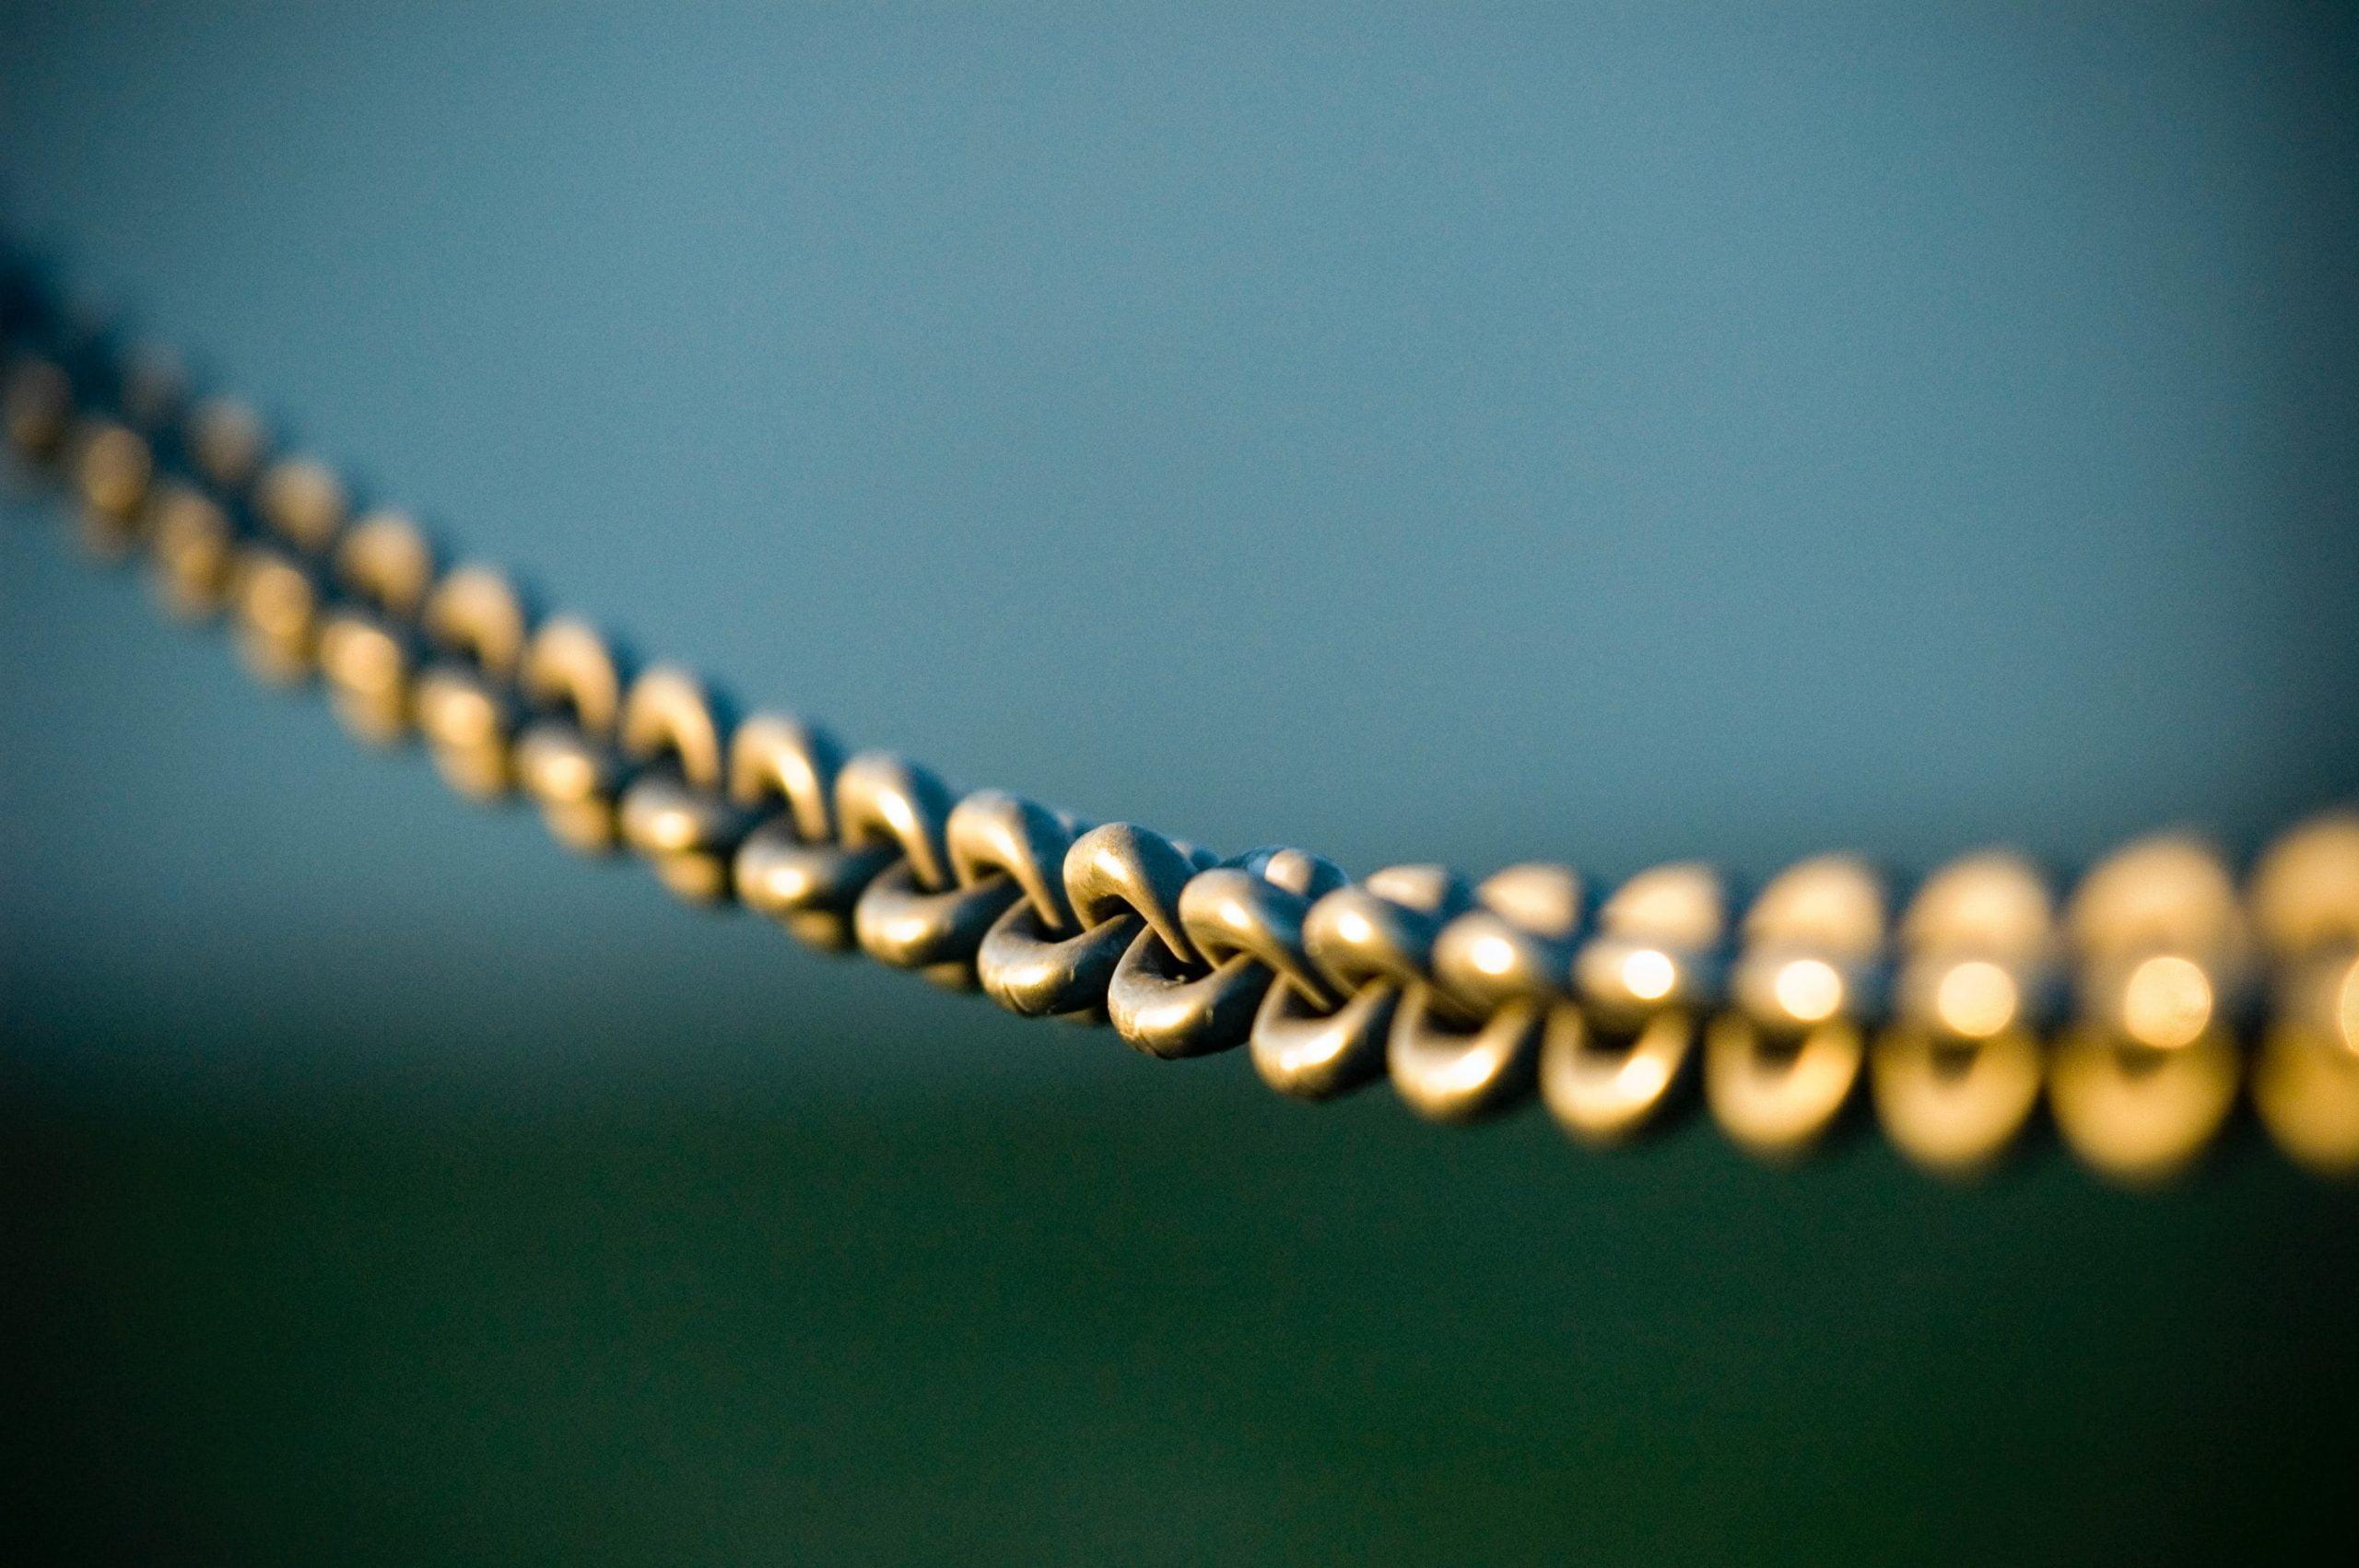 Chainlink podría dispararse más alto si se rompe por encima de un nivel clave